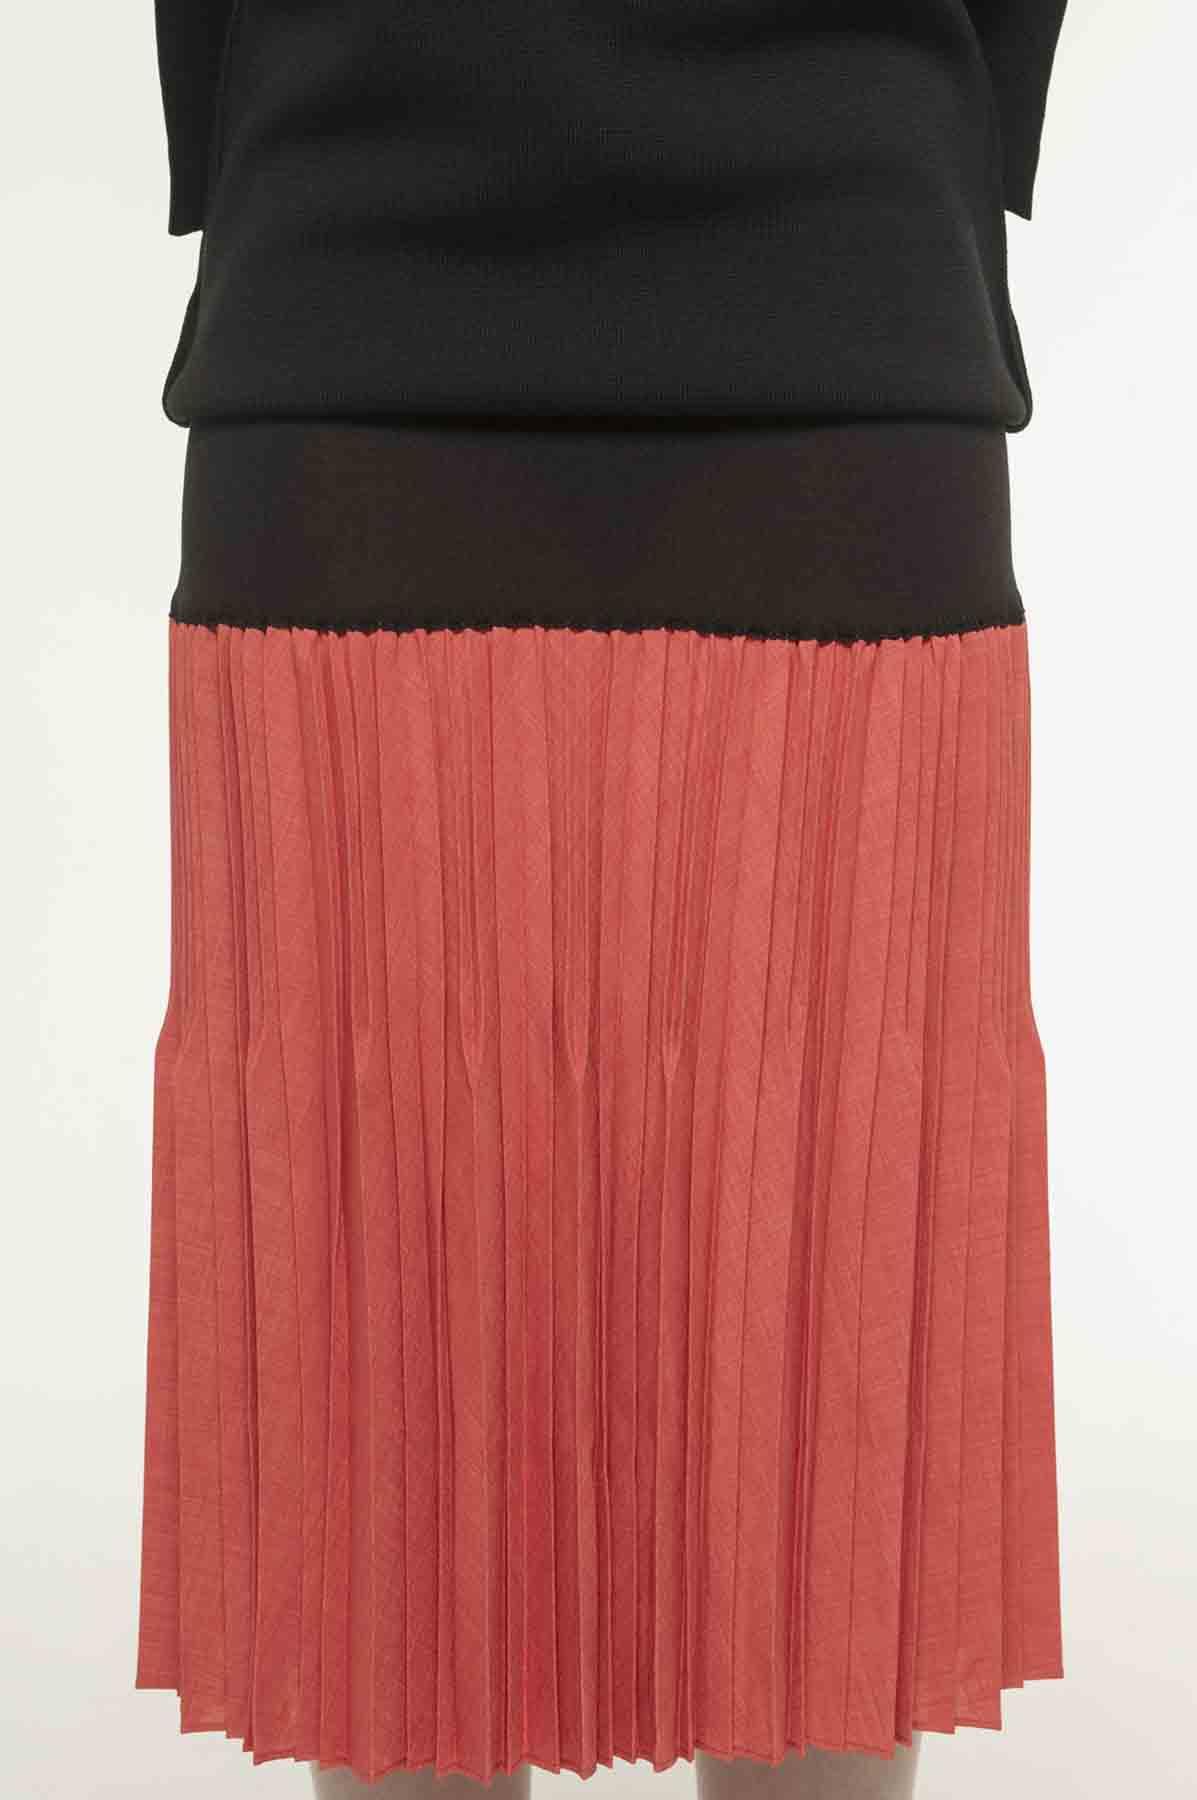 RISMATbyY的针织x褶皱后背开衩裙